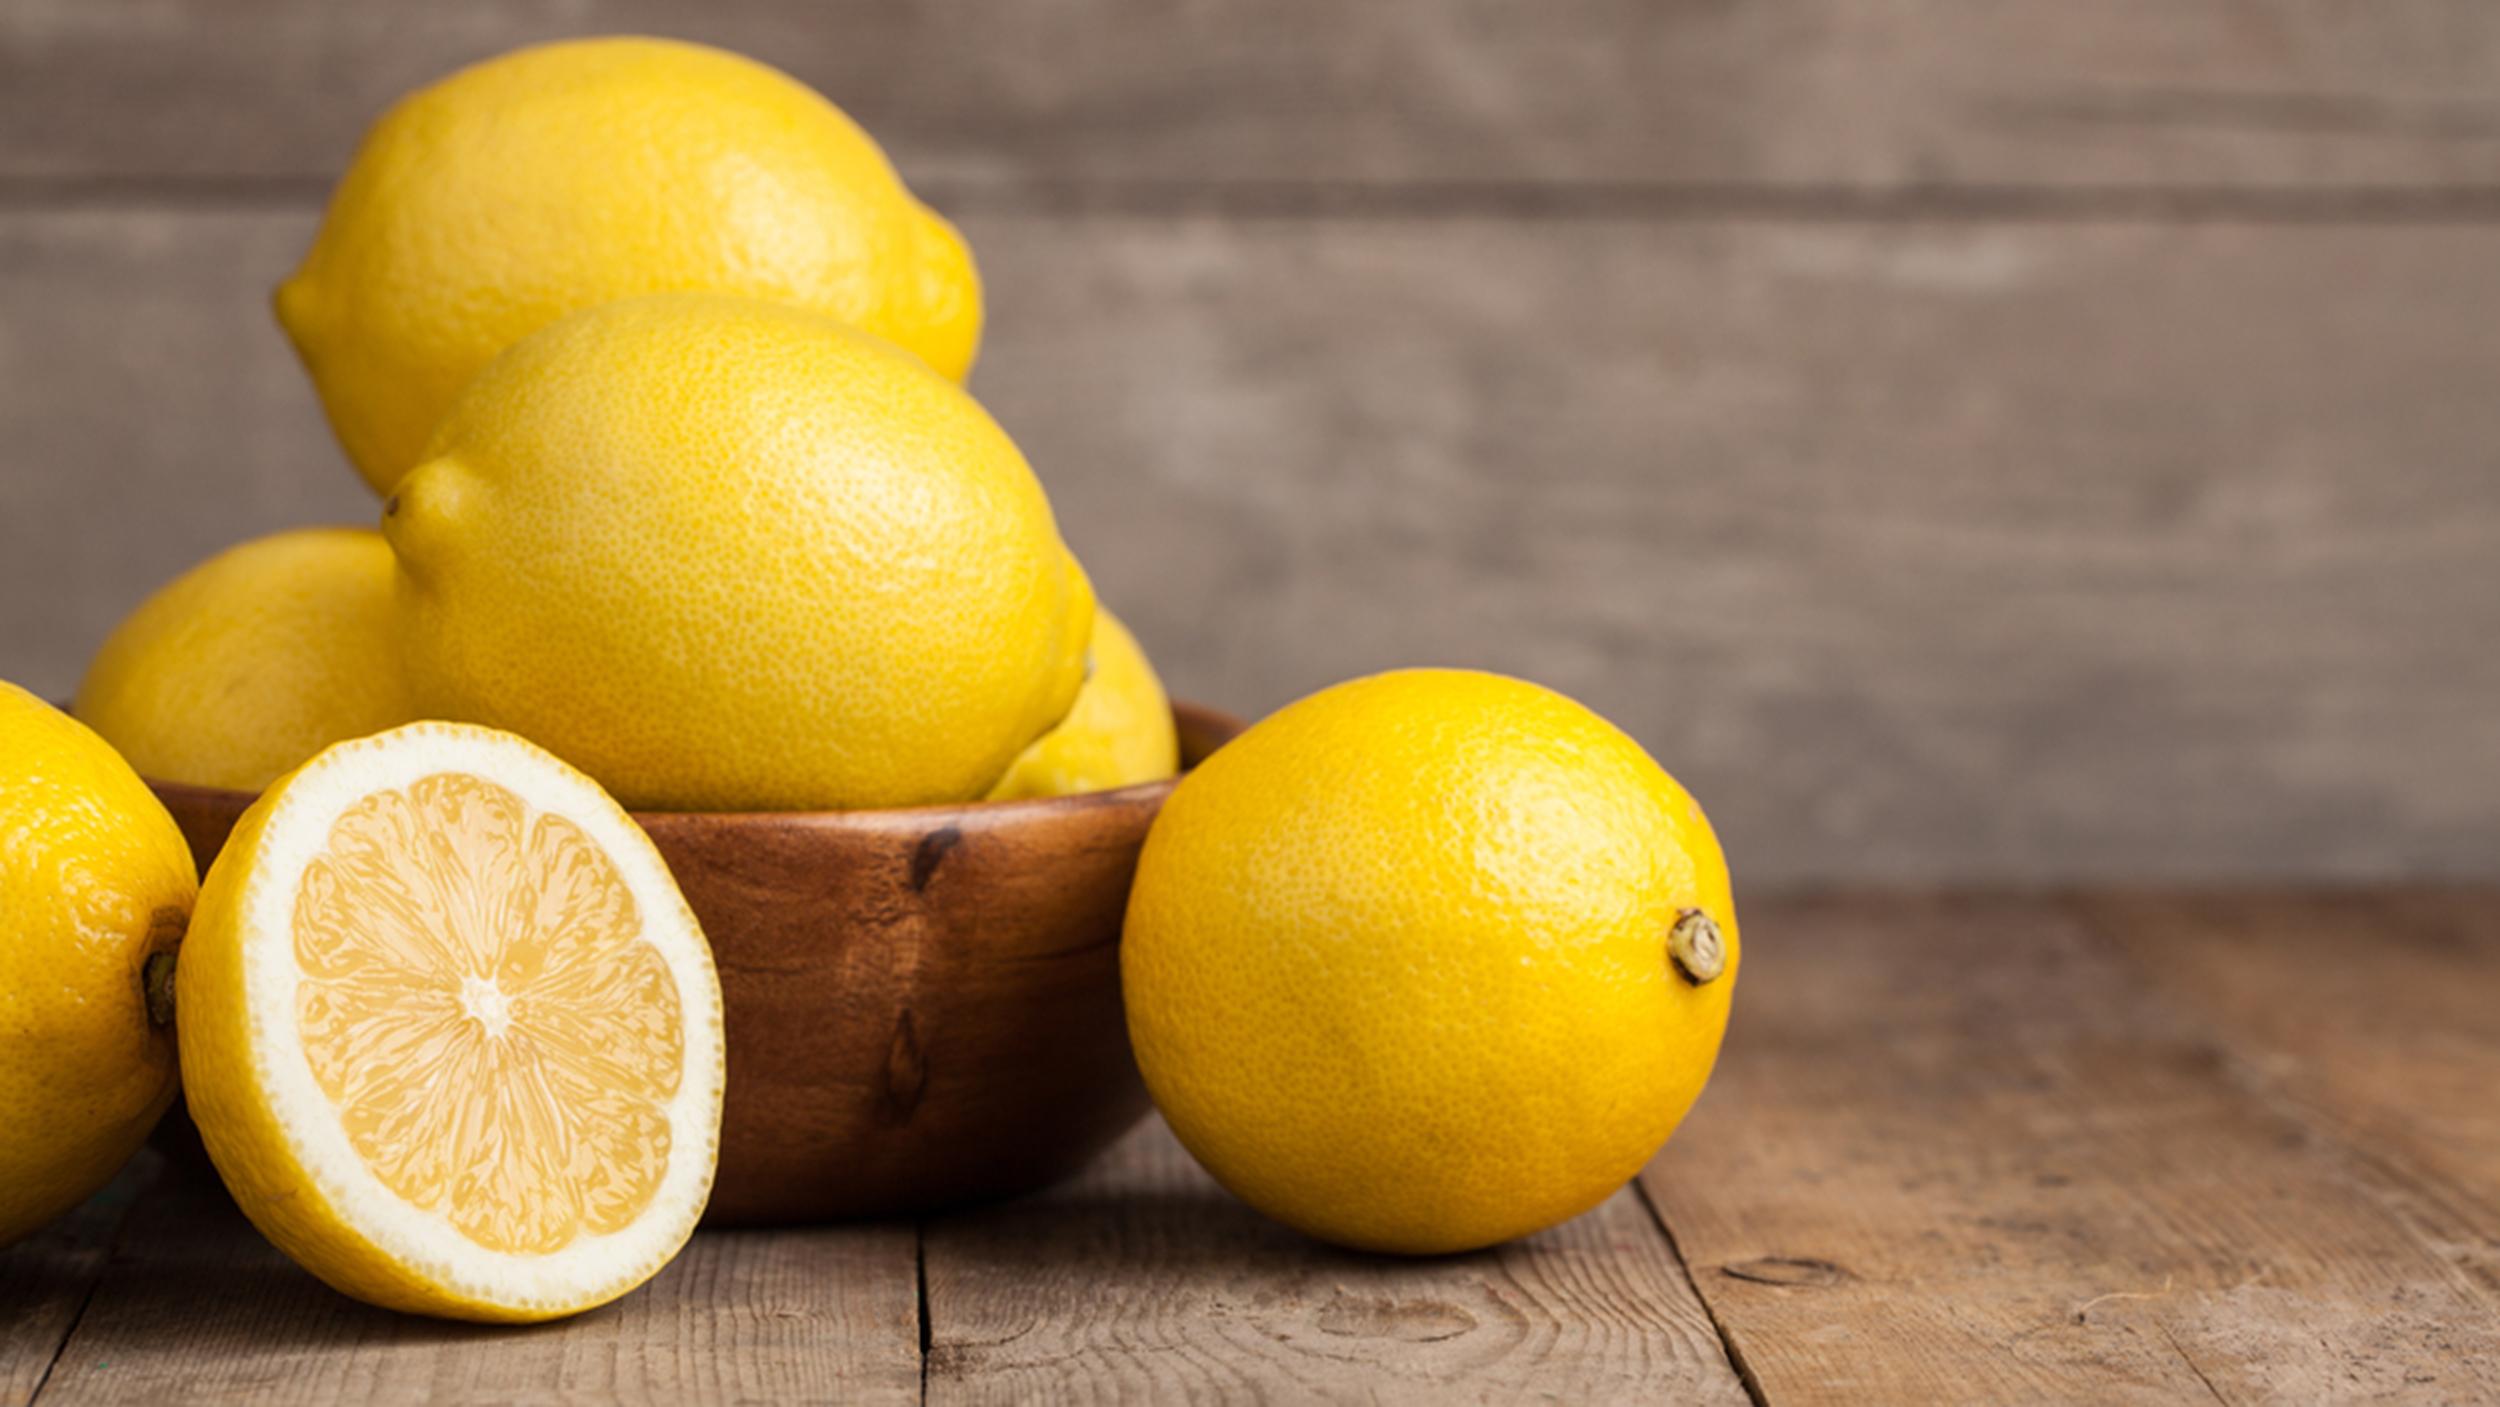 ارزانی لیمو ترش در روزهای آینده /معرفی محتکرین لیمو ترش به قوه قضاییه